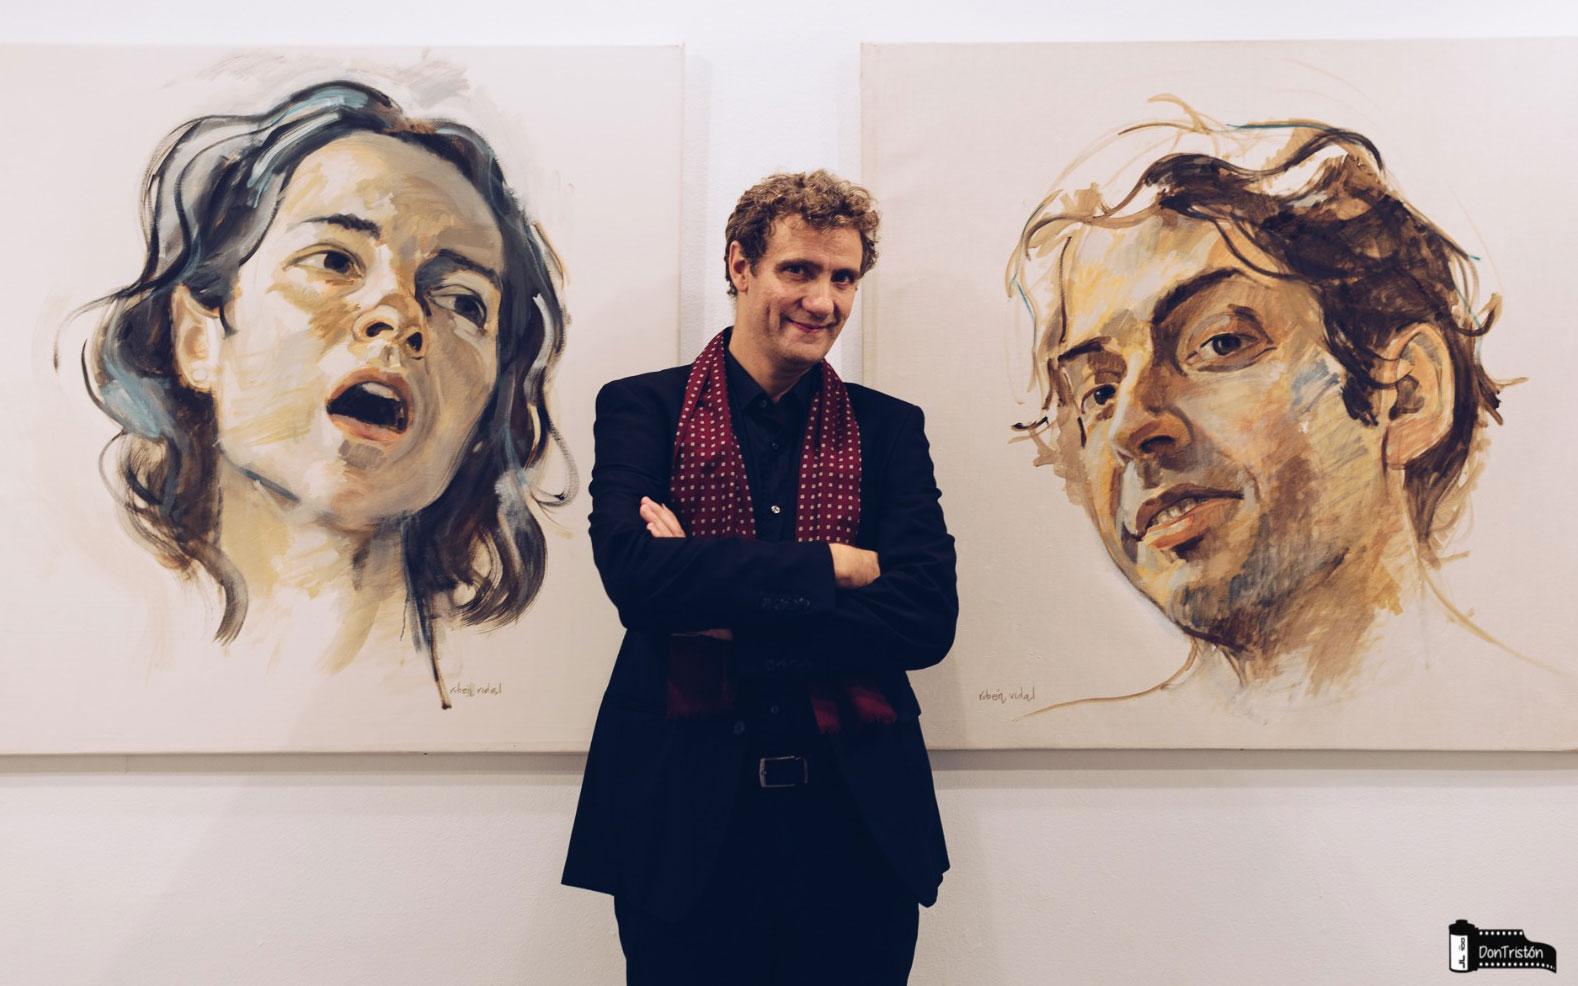 El pintor Rubén Vidal junto a dos retratos de gran formato en el Centro Joaquín Roncal de Zaragoza